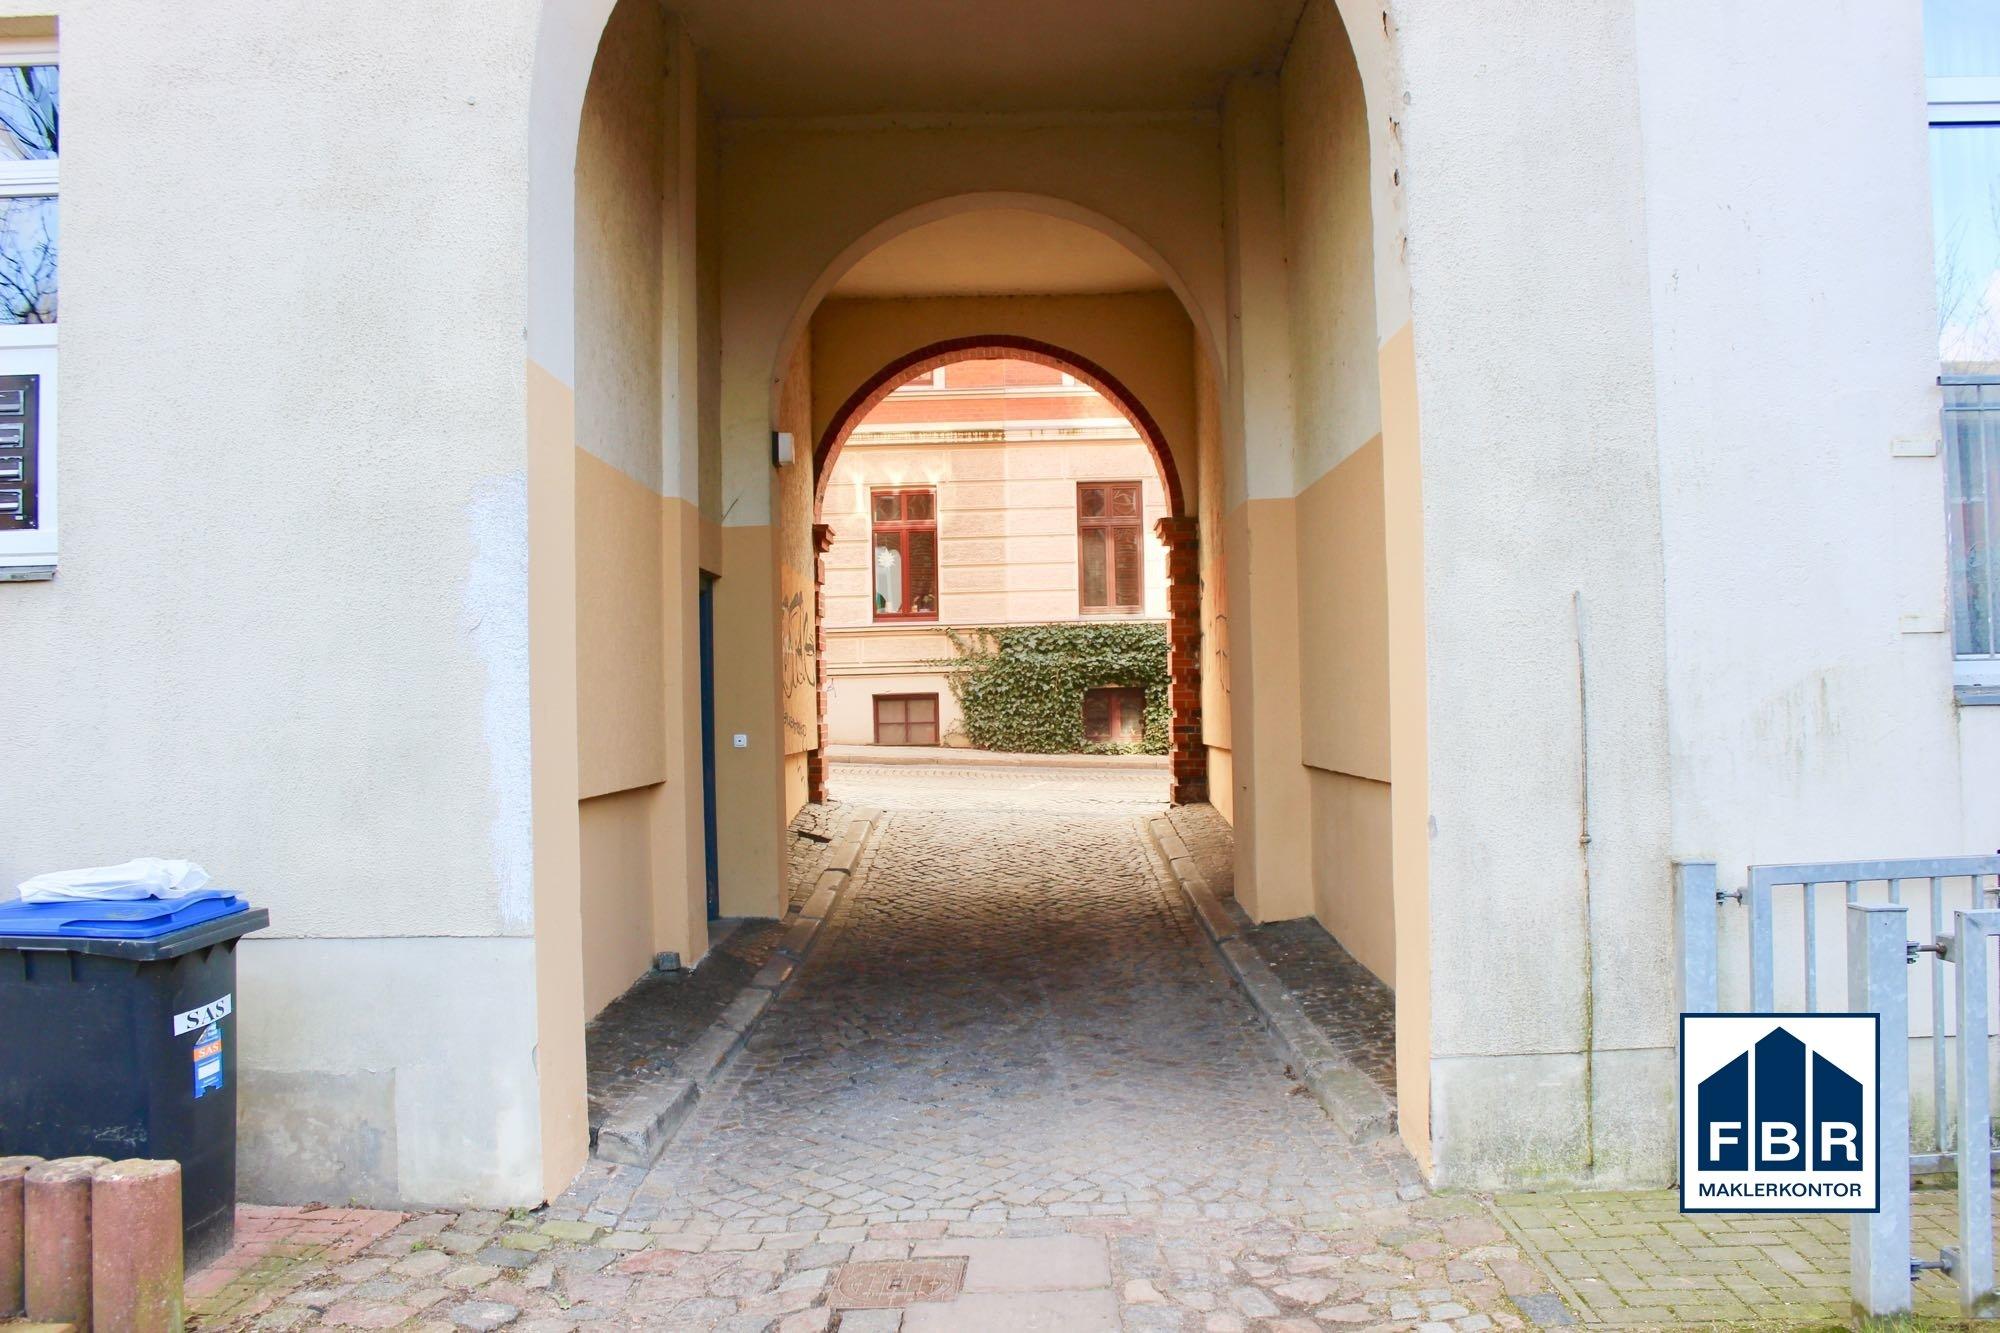 Durchfahrt Hinterhof